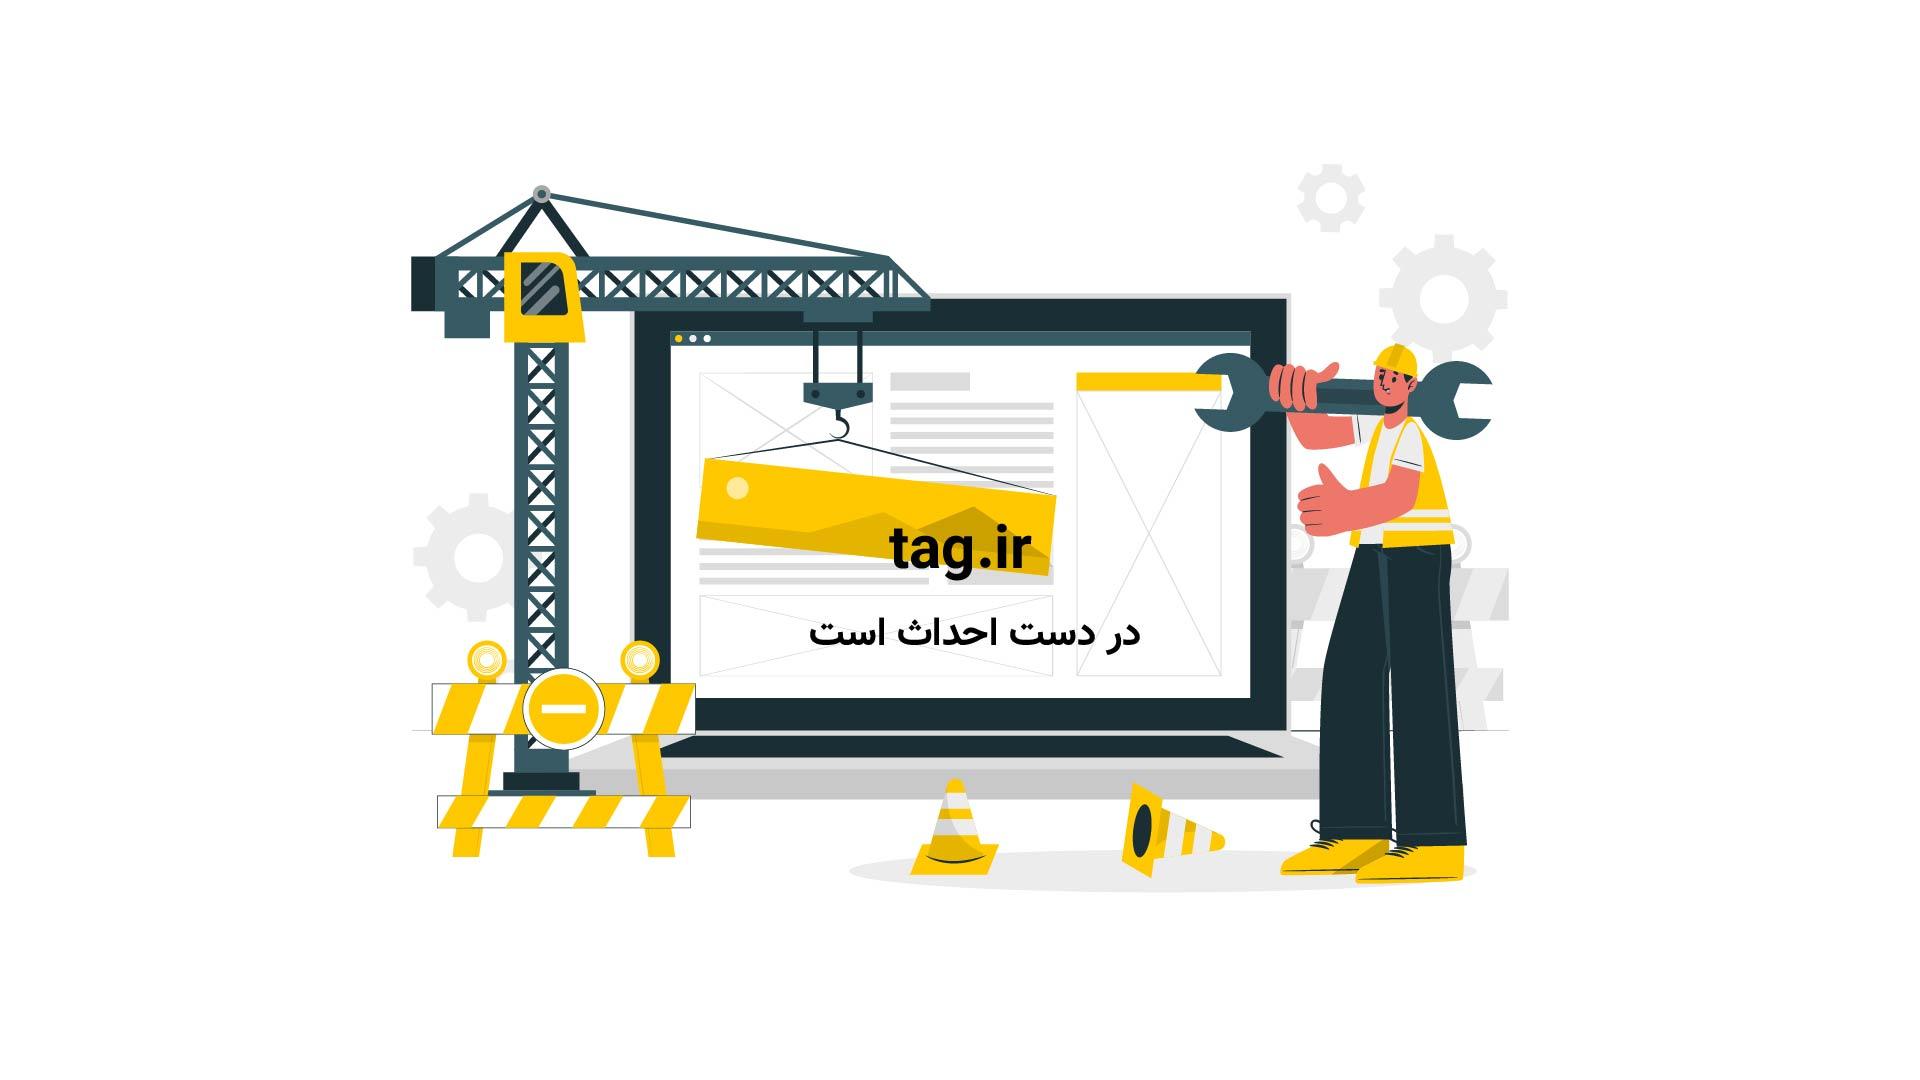 سخنرانی های تد ؛ عملکرد مغز شما هنگام برقراری ارتباط | فیلم